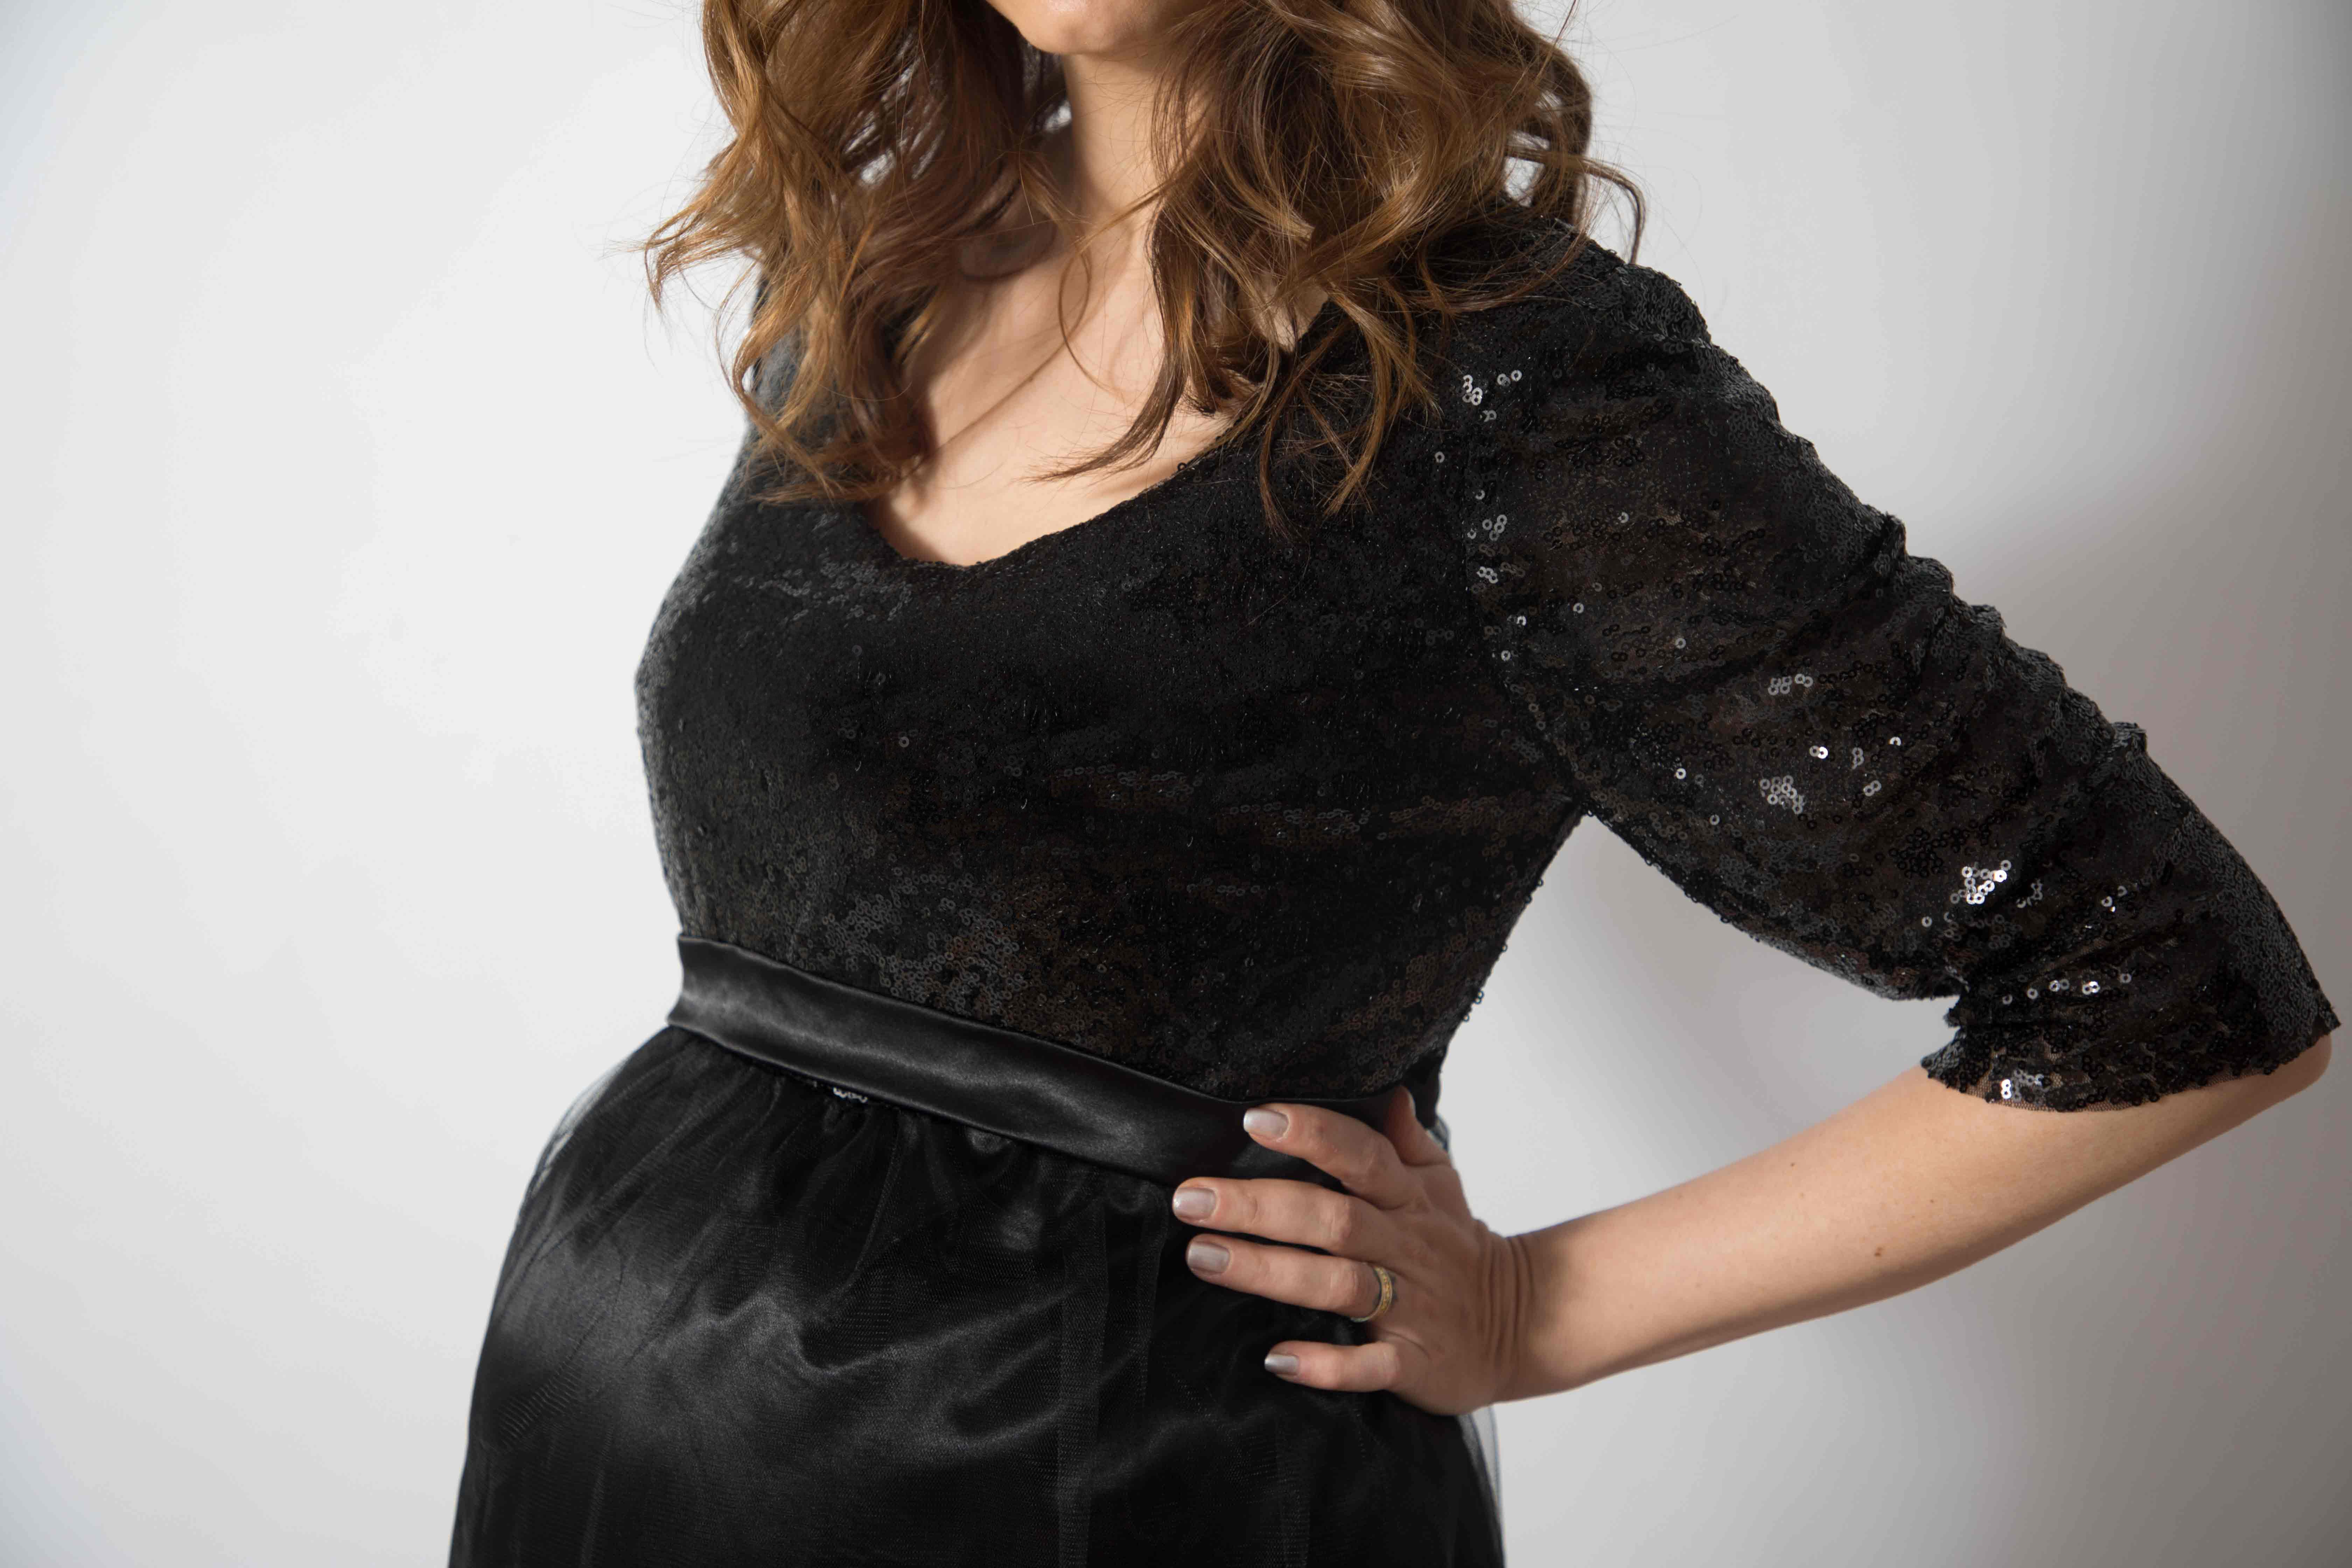 tulle-noire-rochie-eleganta-gravida-cu-paiete-stralucitoare-transport-gratuit 3